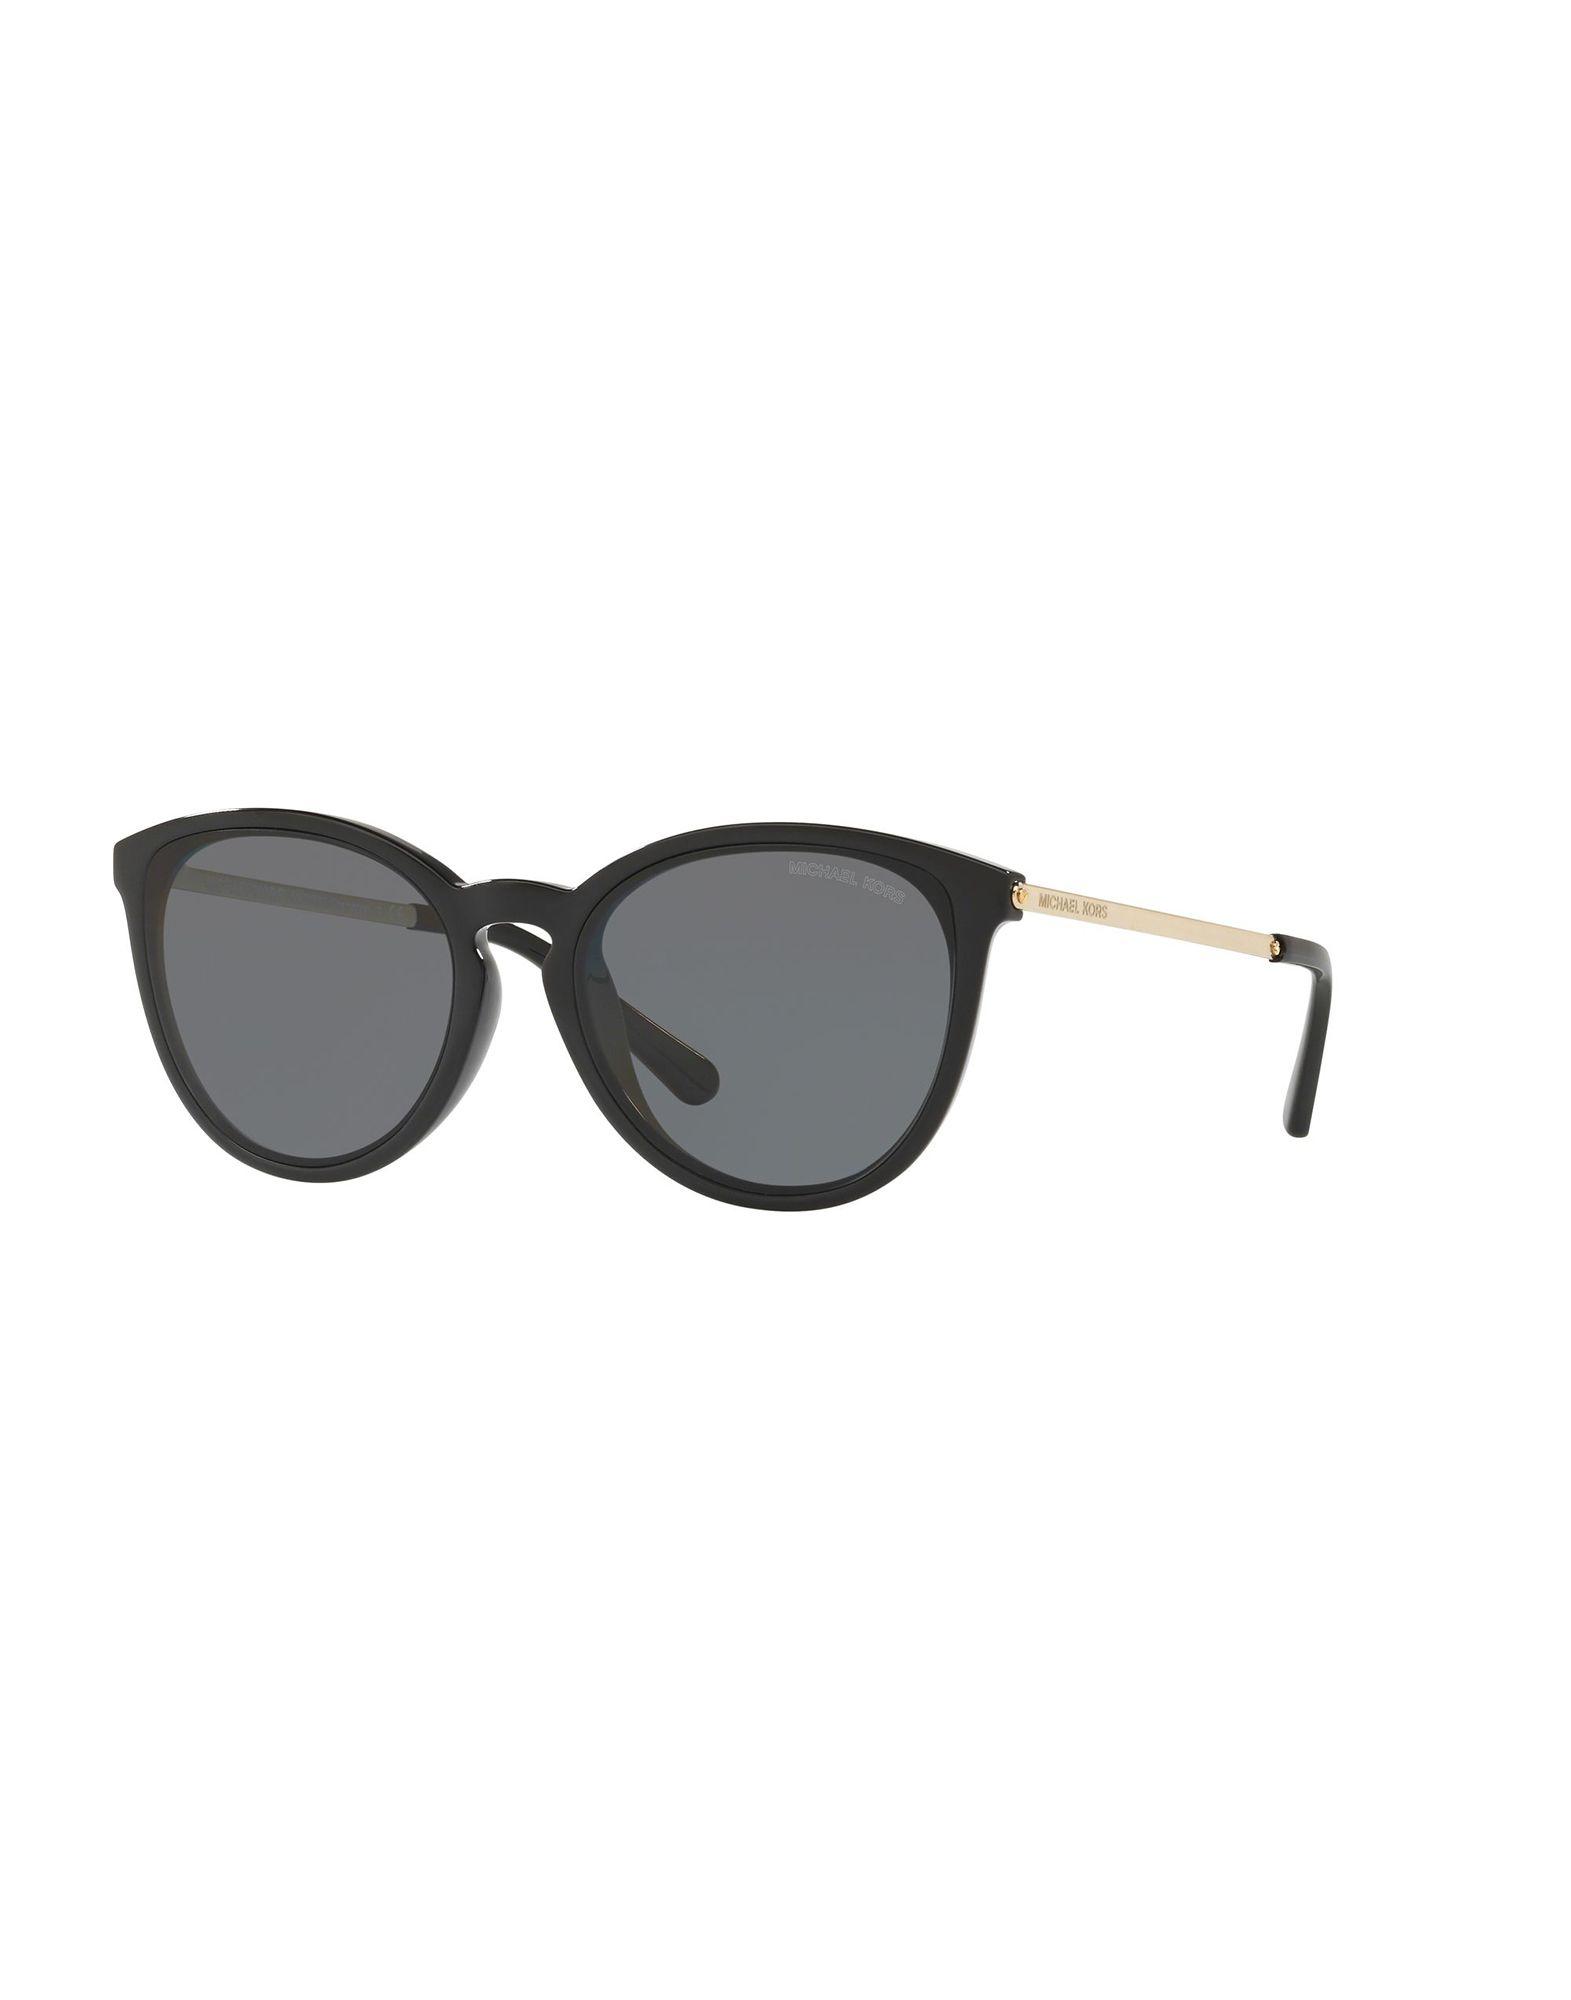 MICHAEL KORS Солнечные очки очки поляризационные salmo 12